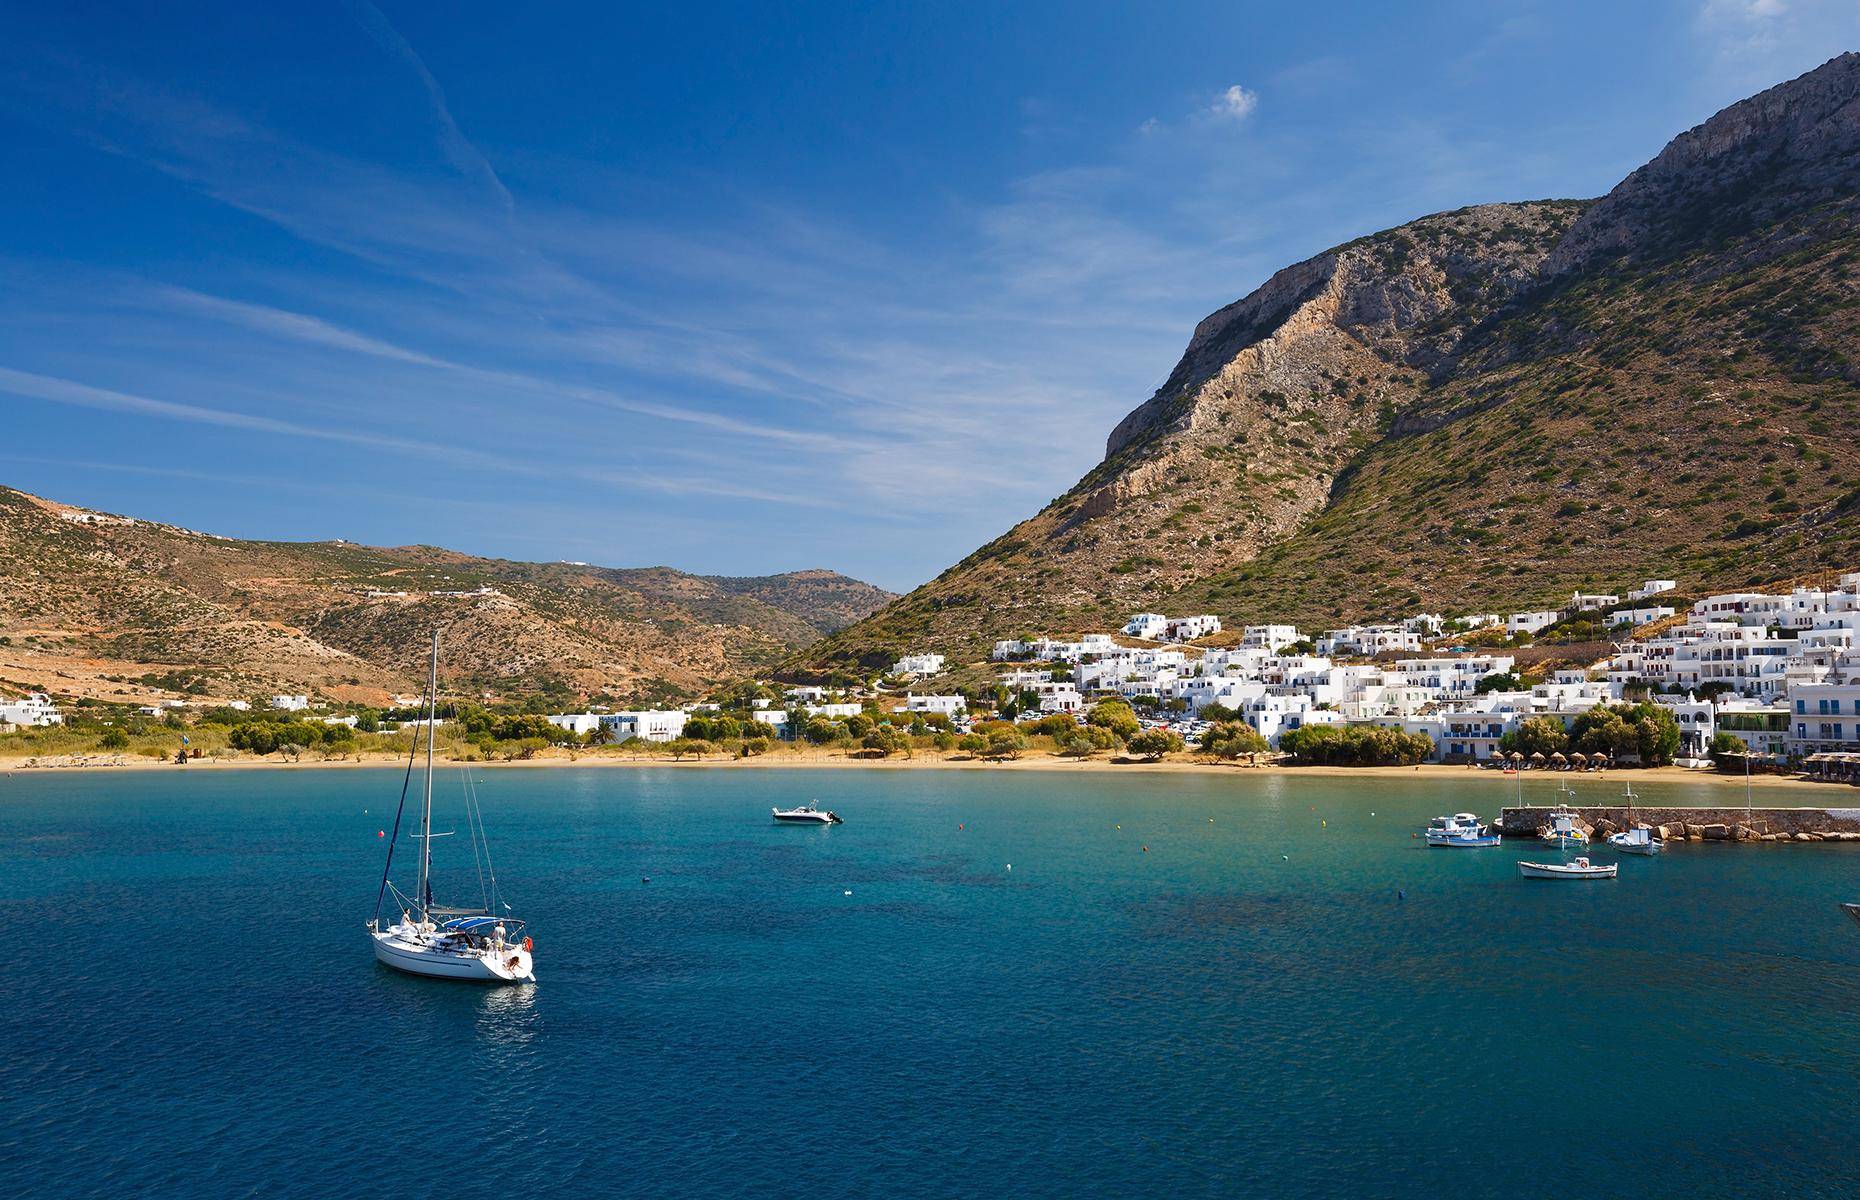 Kamares, Sifnos (Image: Milan Gonda/Shutterstock)